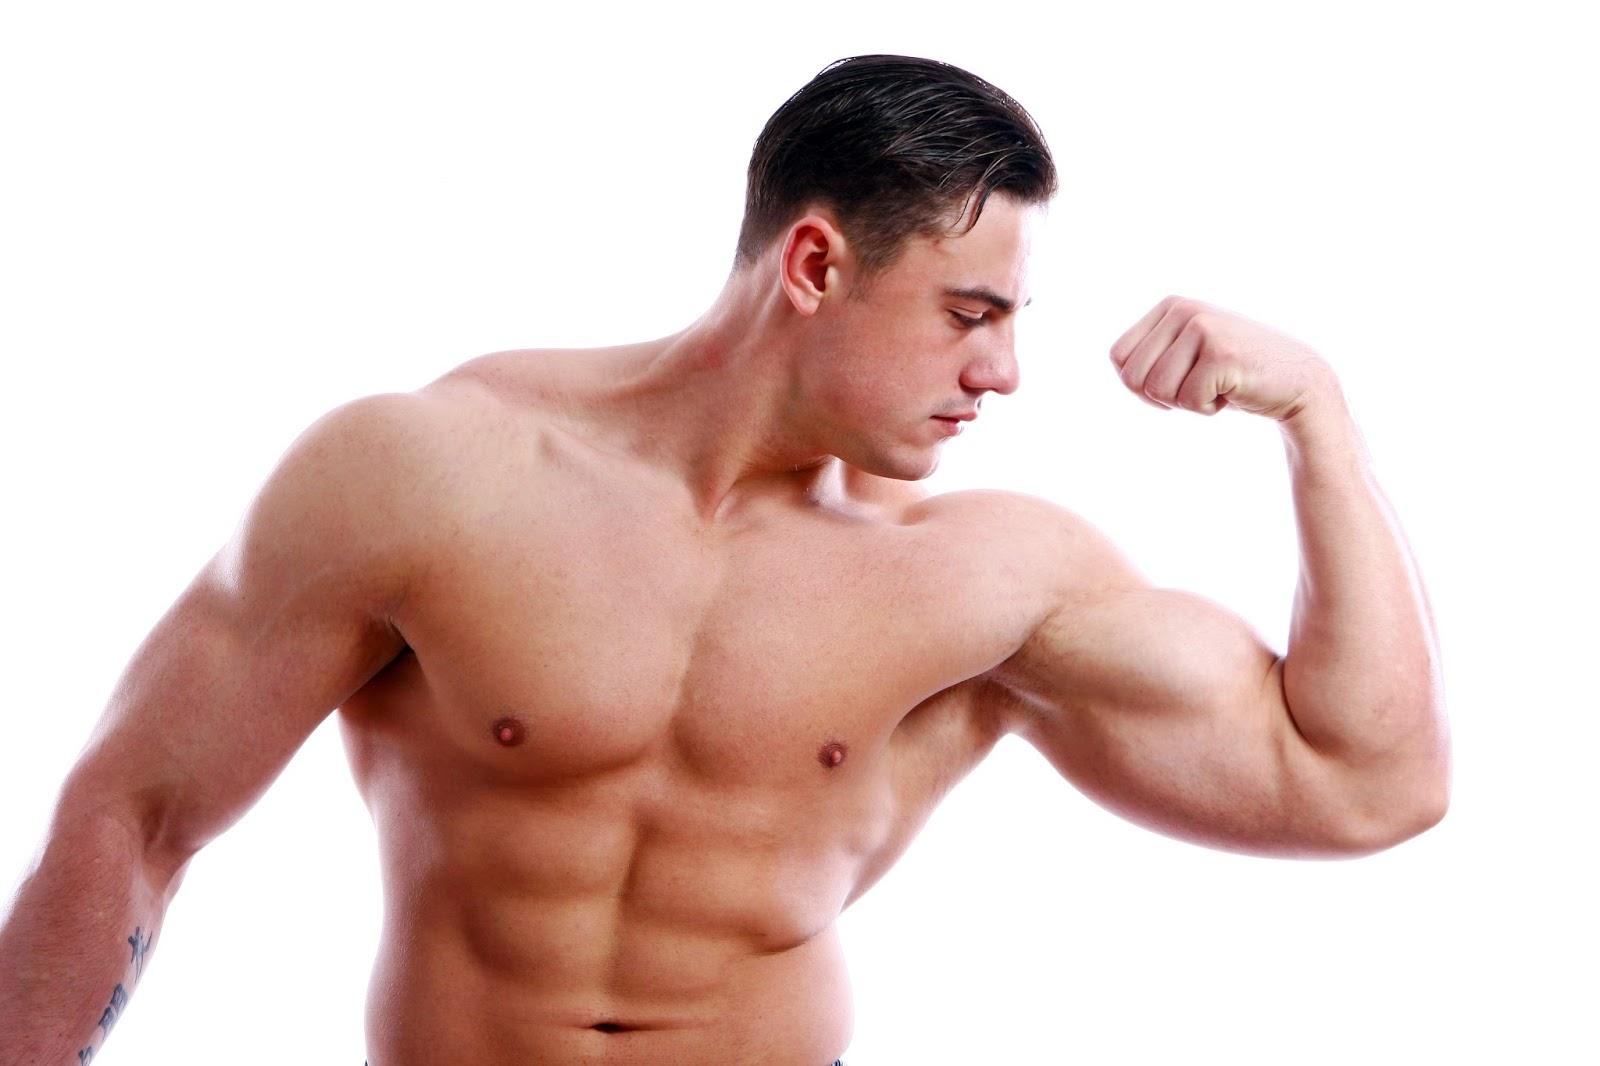 apakah obat kuat pria benar benar aman dikonsumsi yang bagus